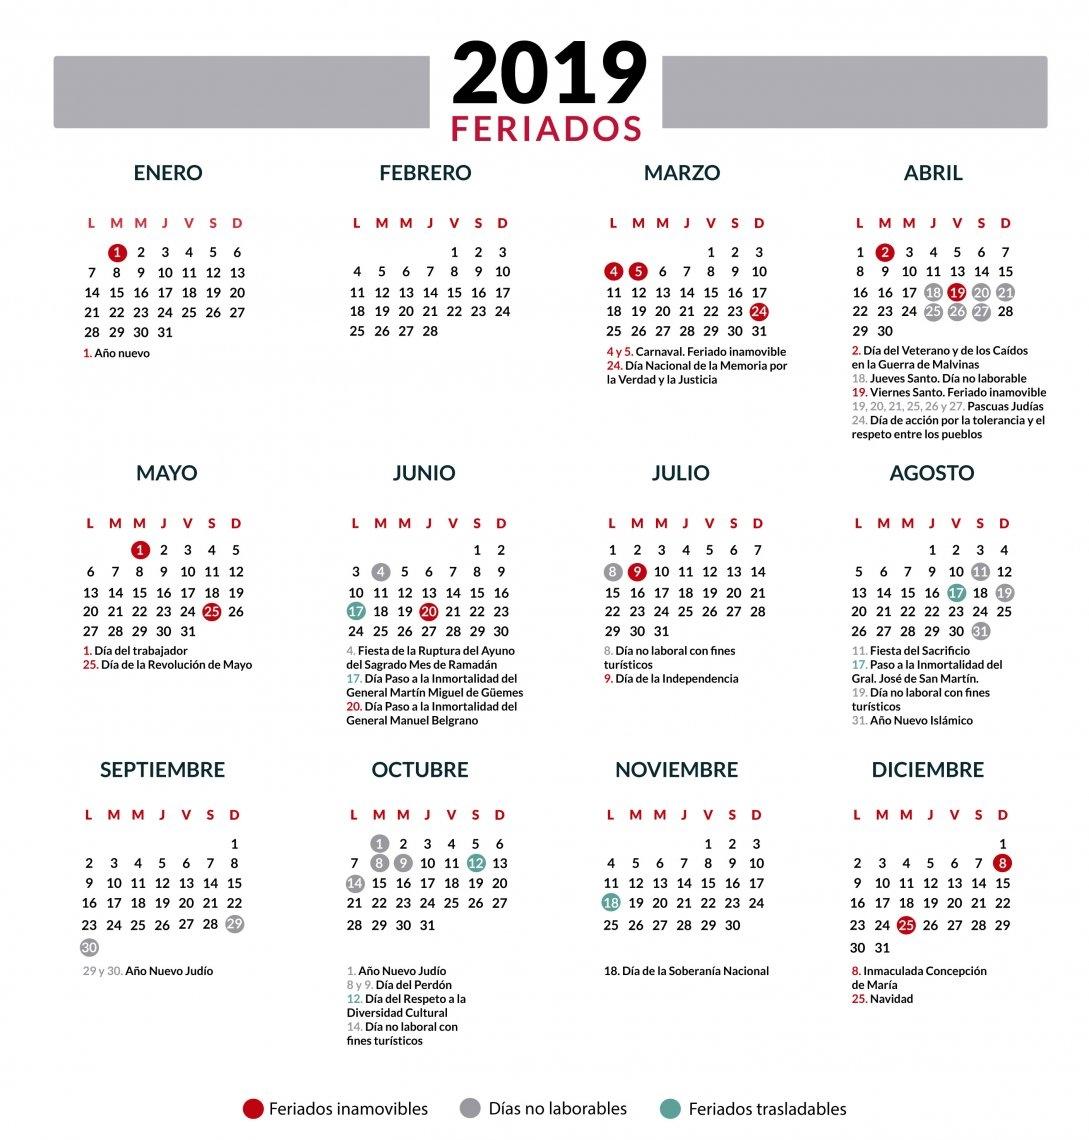 Calendario 2019 Con Feriados Argentina